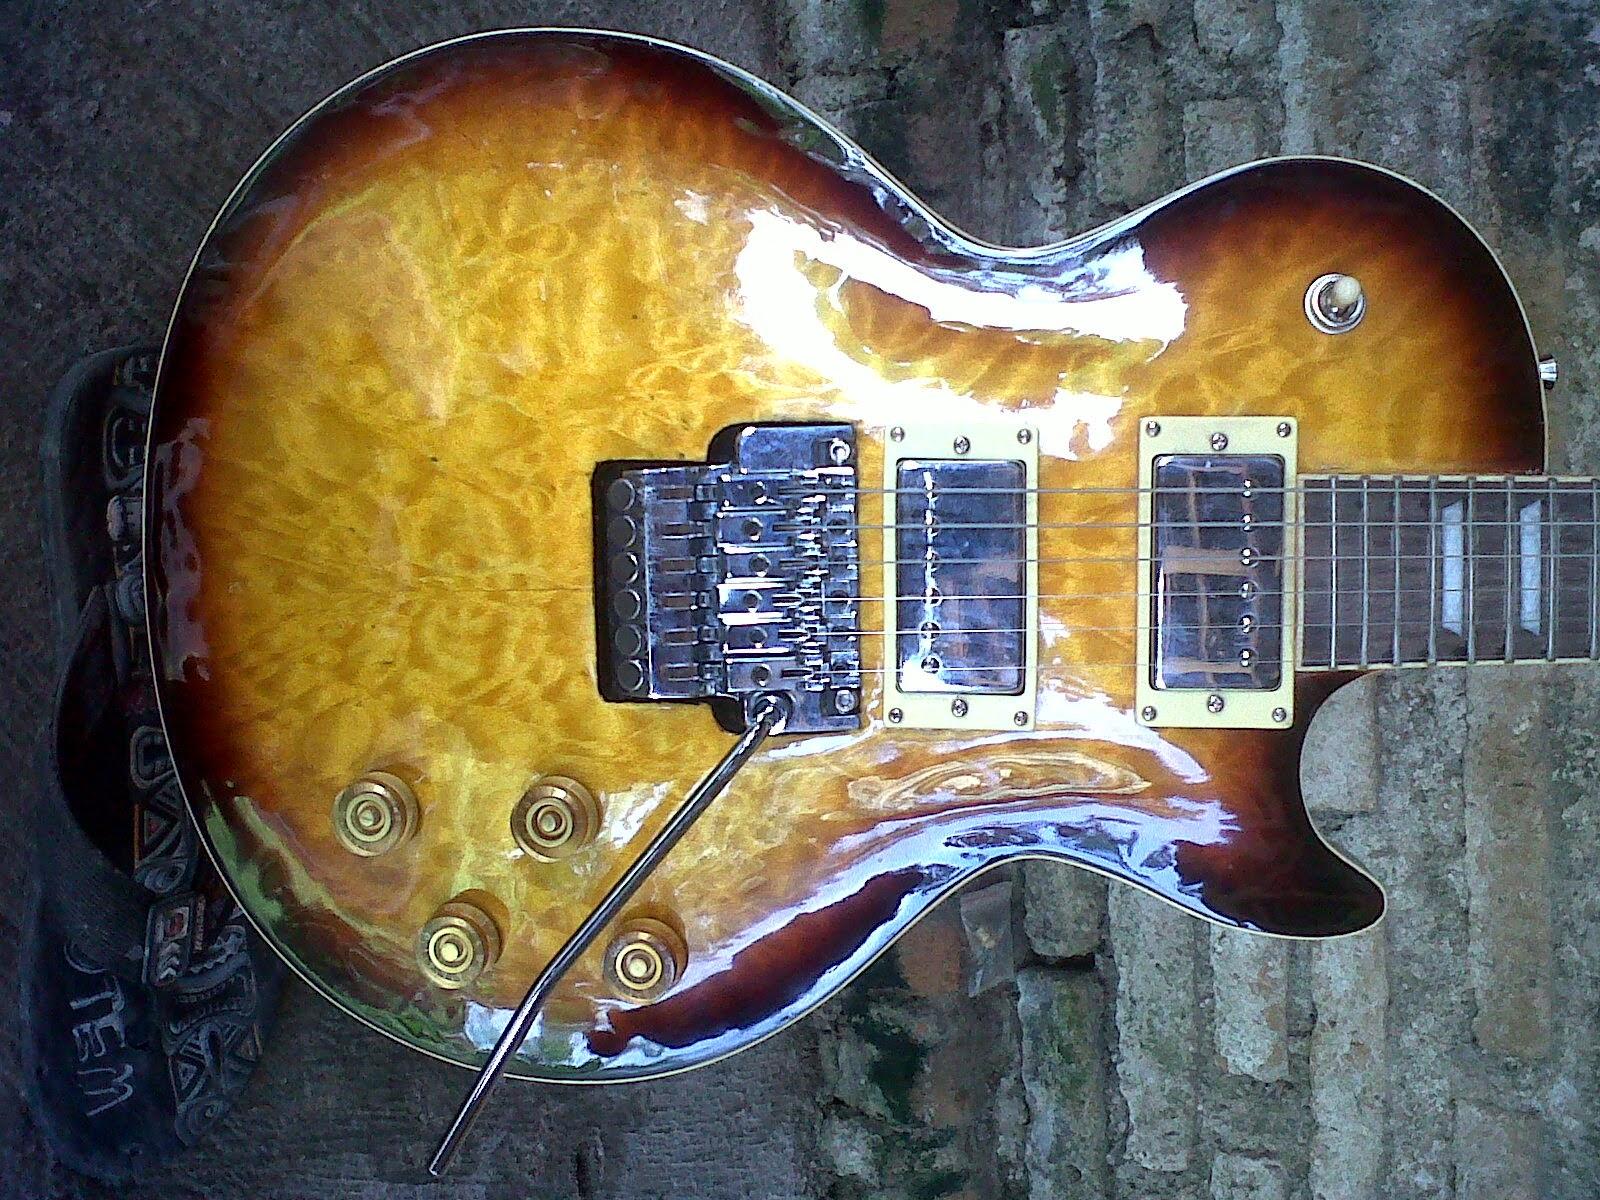 Gitar Mesem Pusat Pengrajin Solo Gibson Les Paul Updown Pick Kerang Up Gnb Trimolo Flayingroses Inlay Dleyer Grofer Senar Dadario Freed Stenlist Baja Soal Kualitas Dan Fenishing Di Jamin Mulus